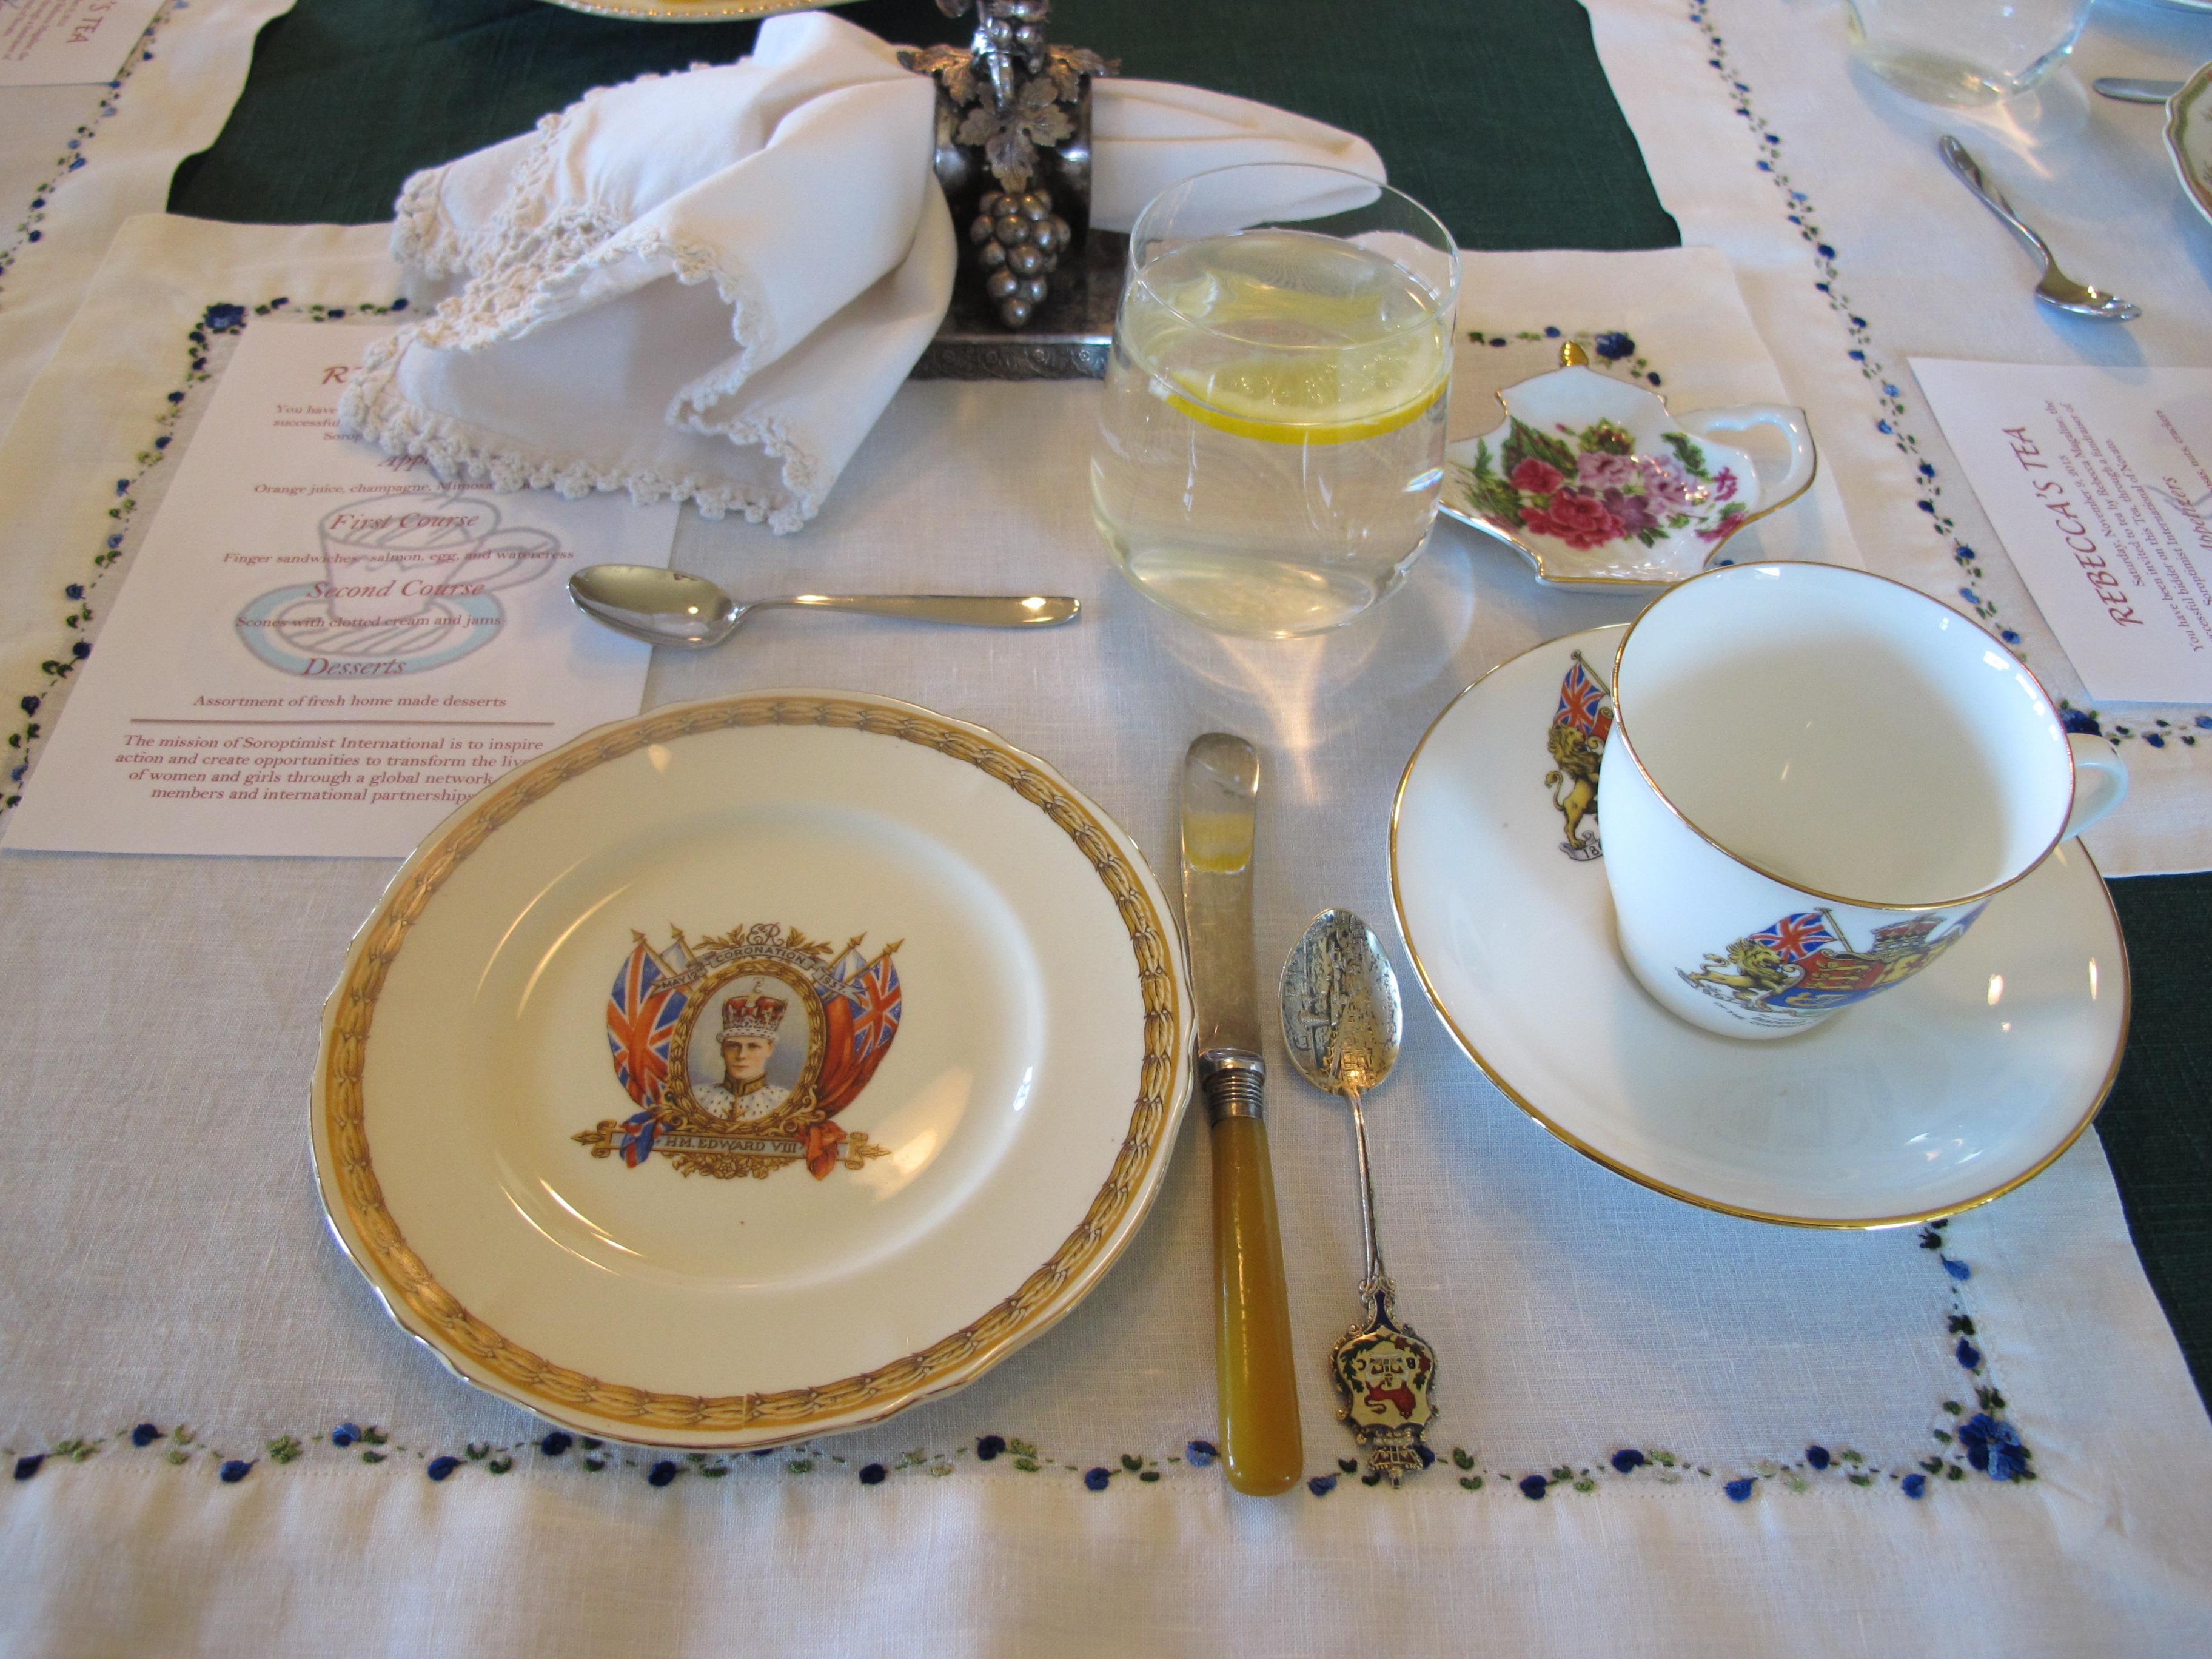 Antique tea setting